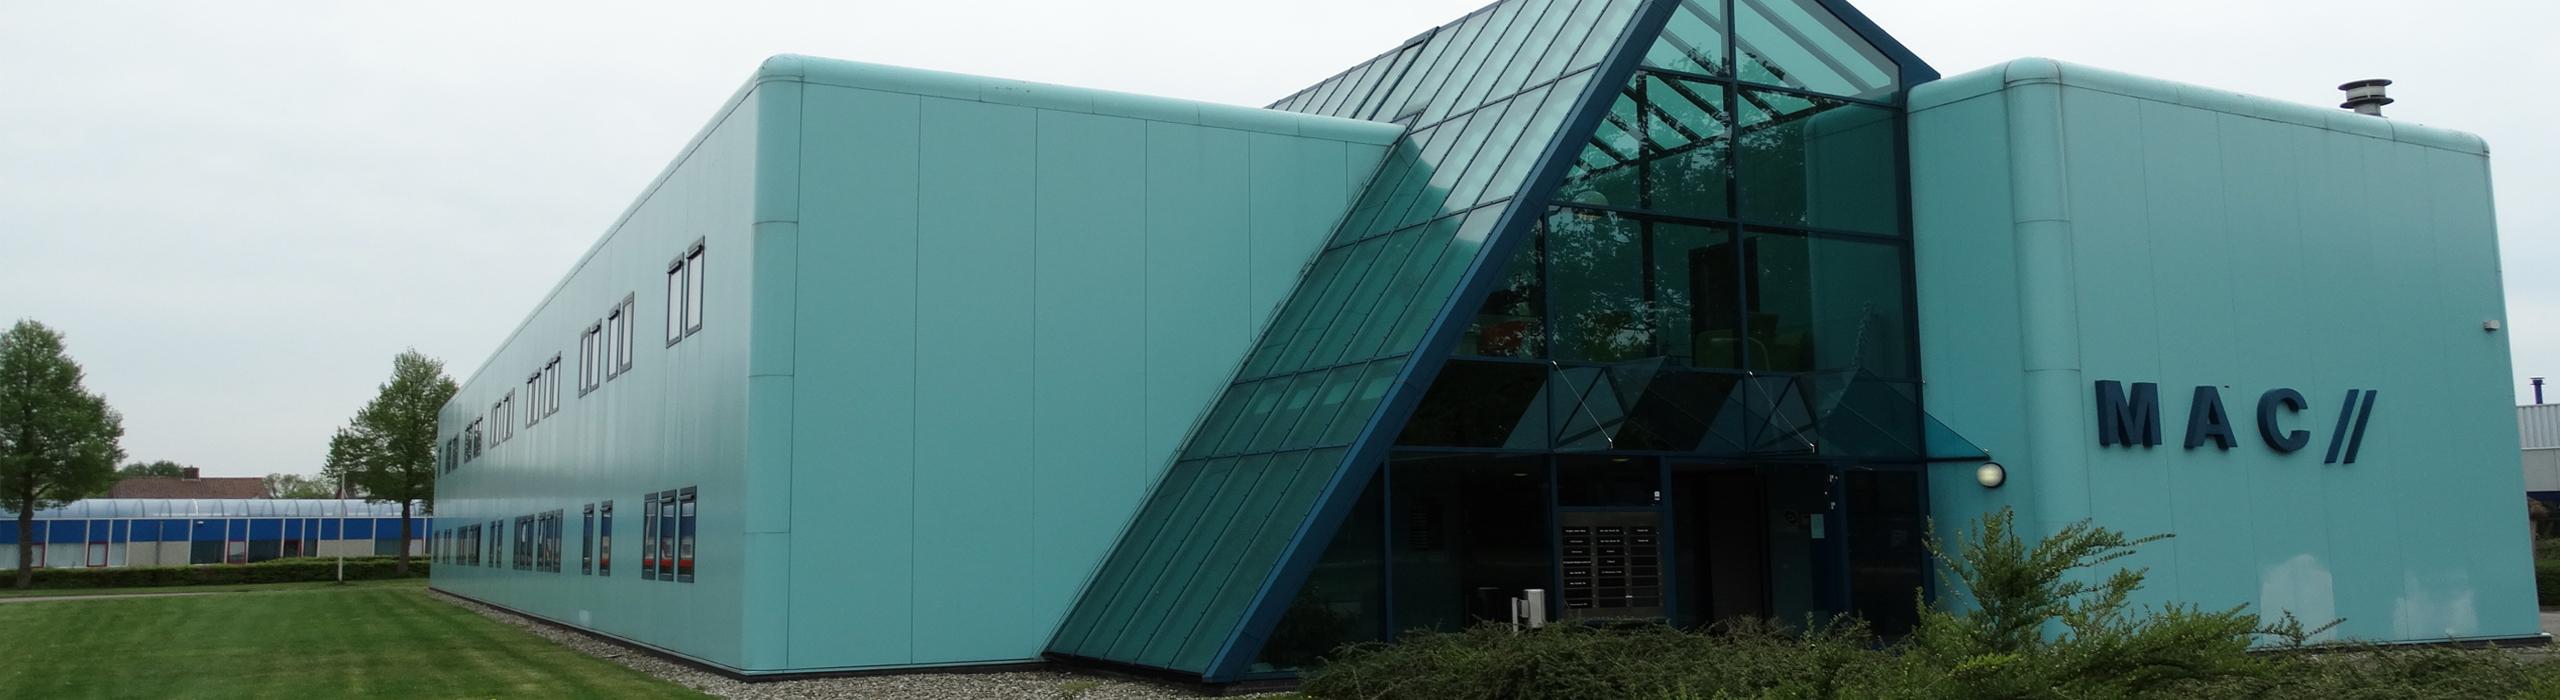 Mesologie Driessen Zwolle